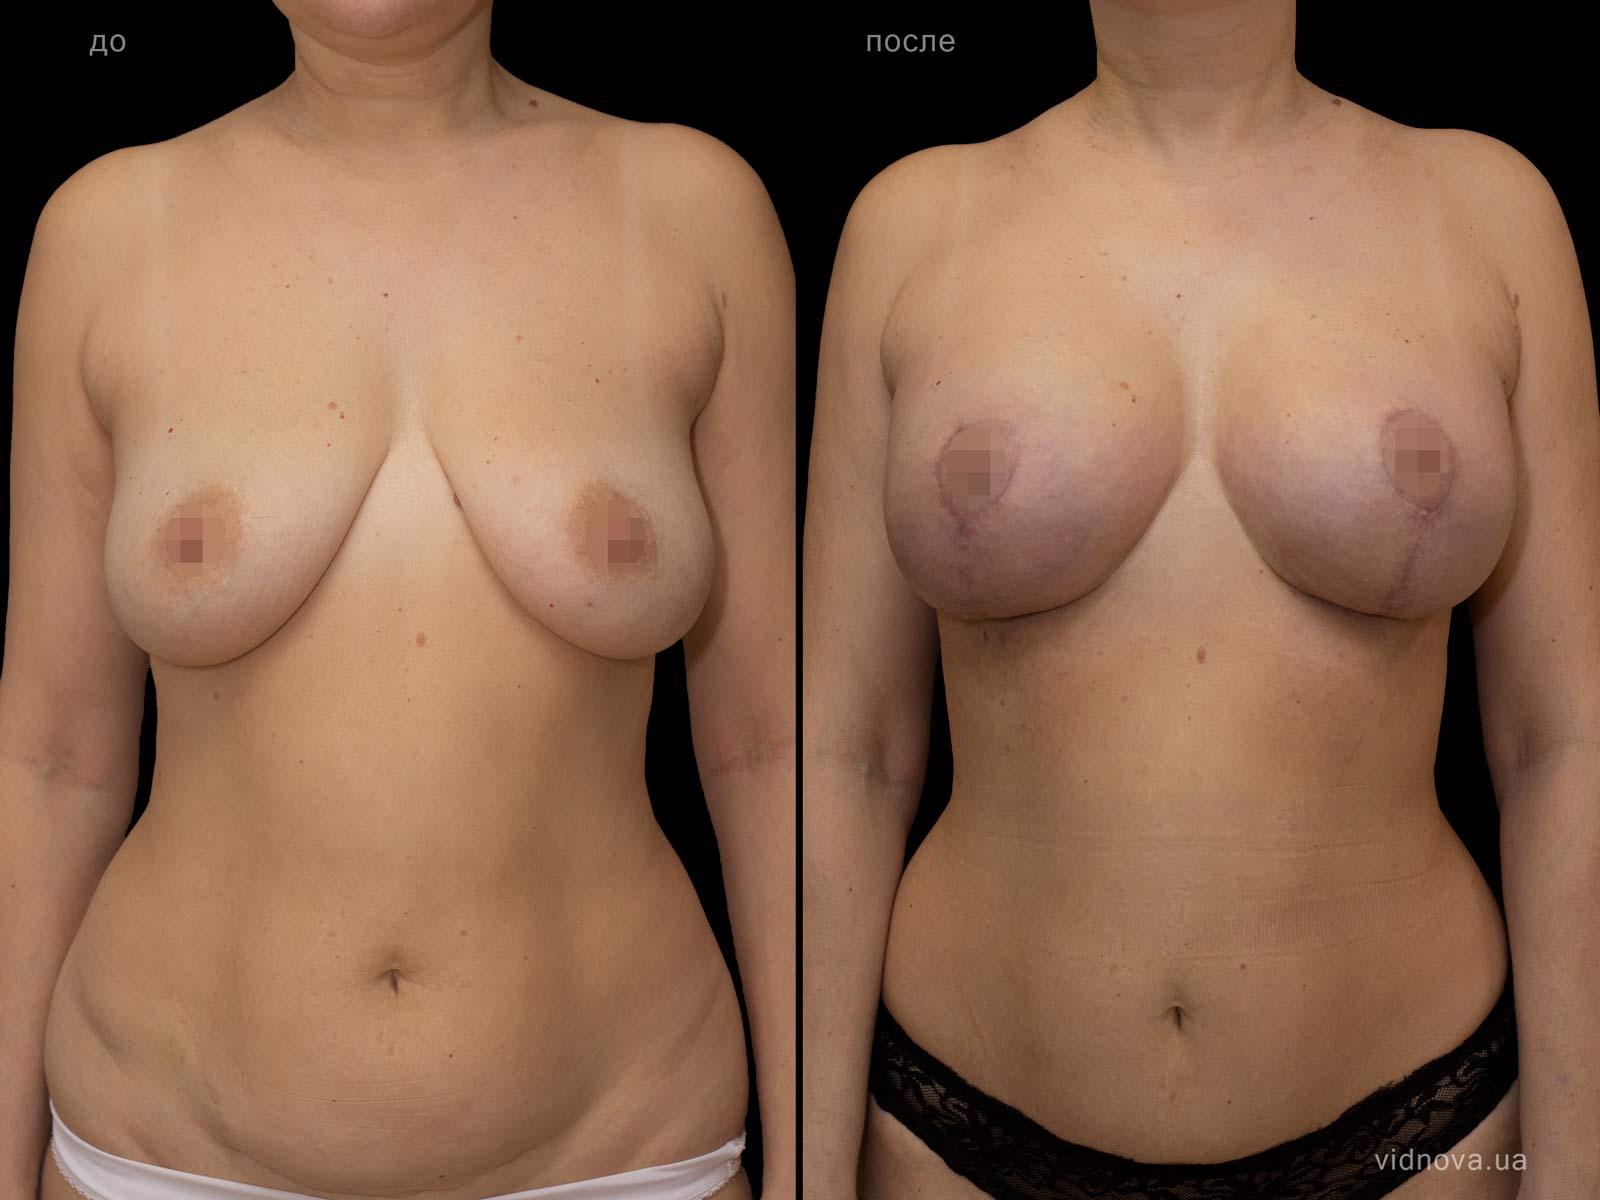 Пластика груди: результаты до и после - Пример №90-0 - Светлана Работенко